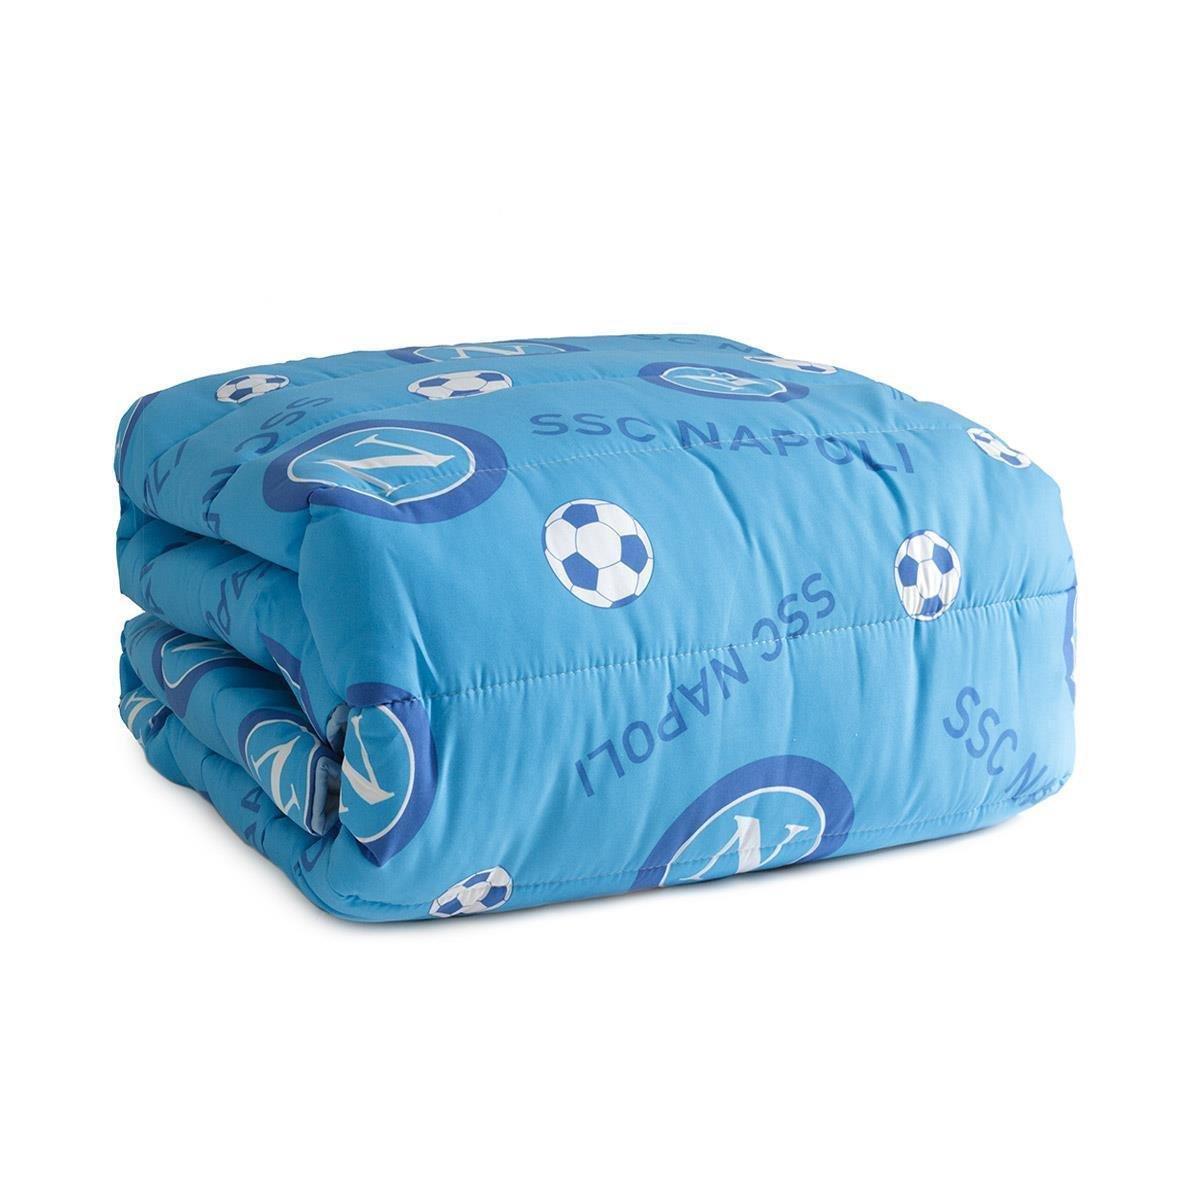 Official SSC NAPOLI Crest Single Bed Duvet Quilt Q045